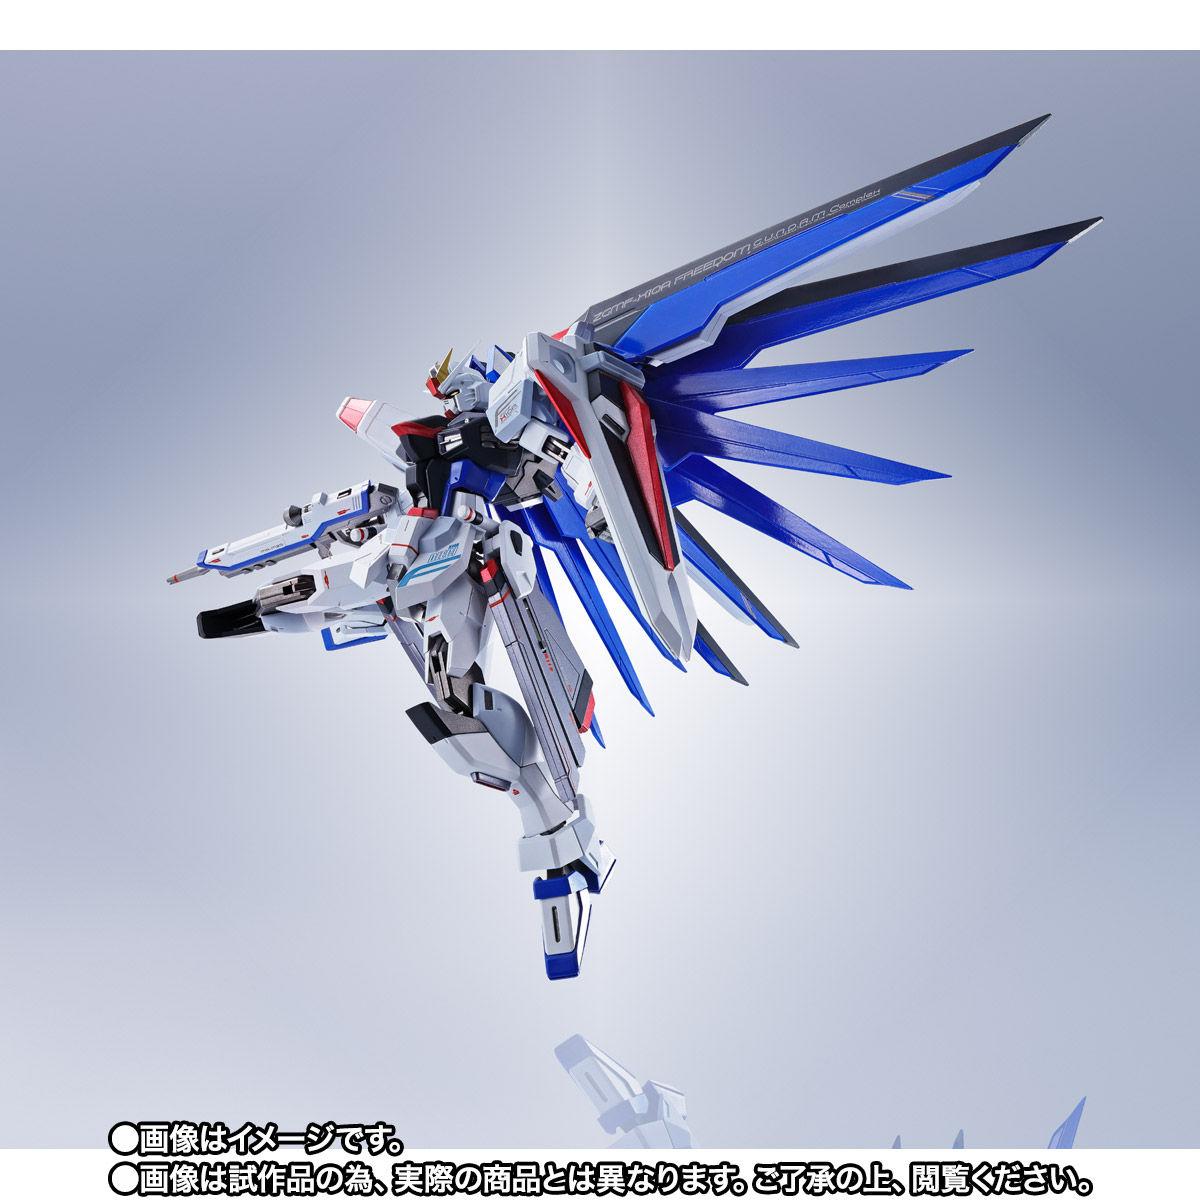 【限定販売】【再販】METAL ROBOT魂〈SIDE MS〉『フリーダムガンダム』ガンダムSEED 可動フィギュア-005